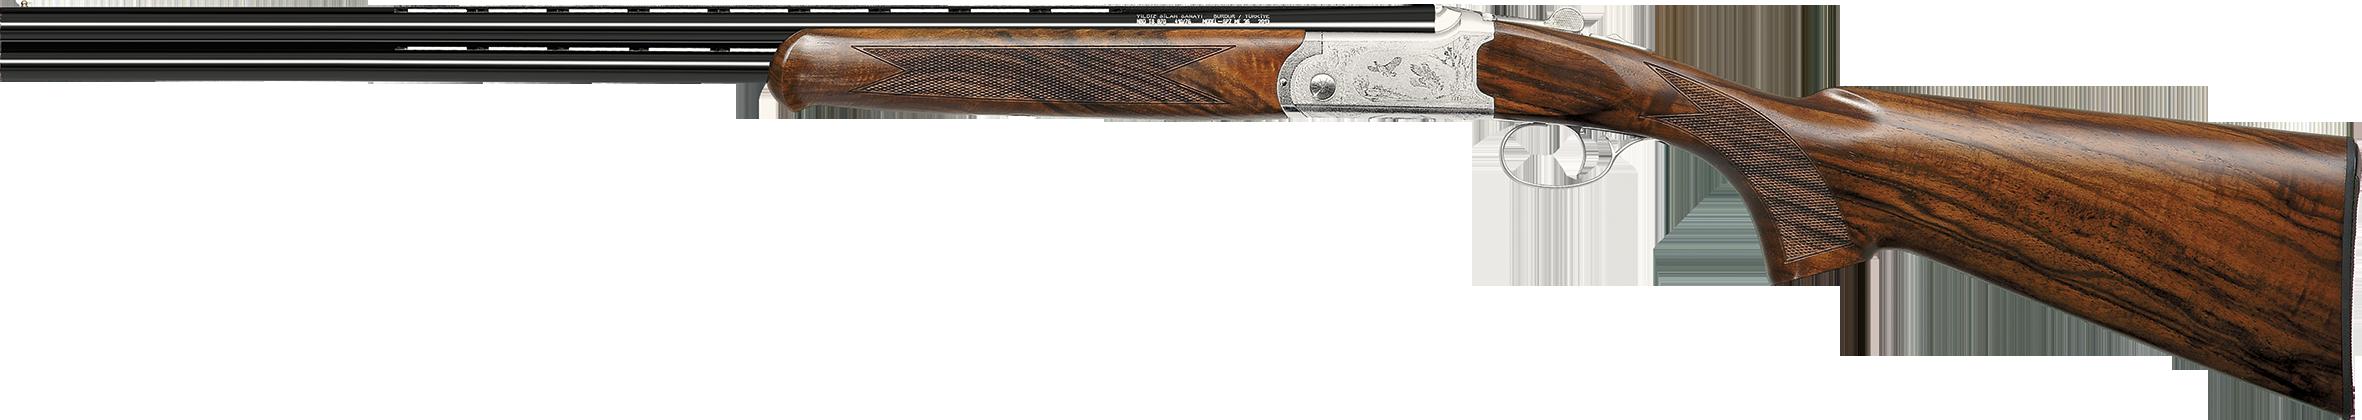 Охотничье ружье PNG